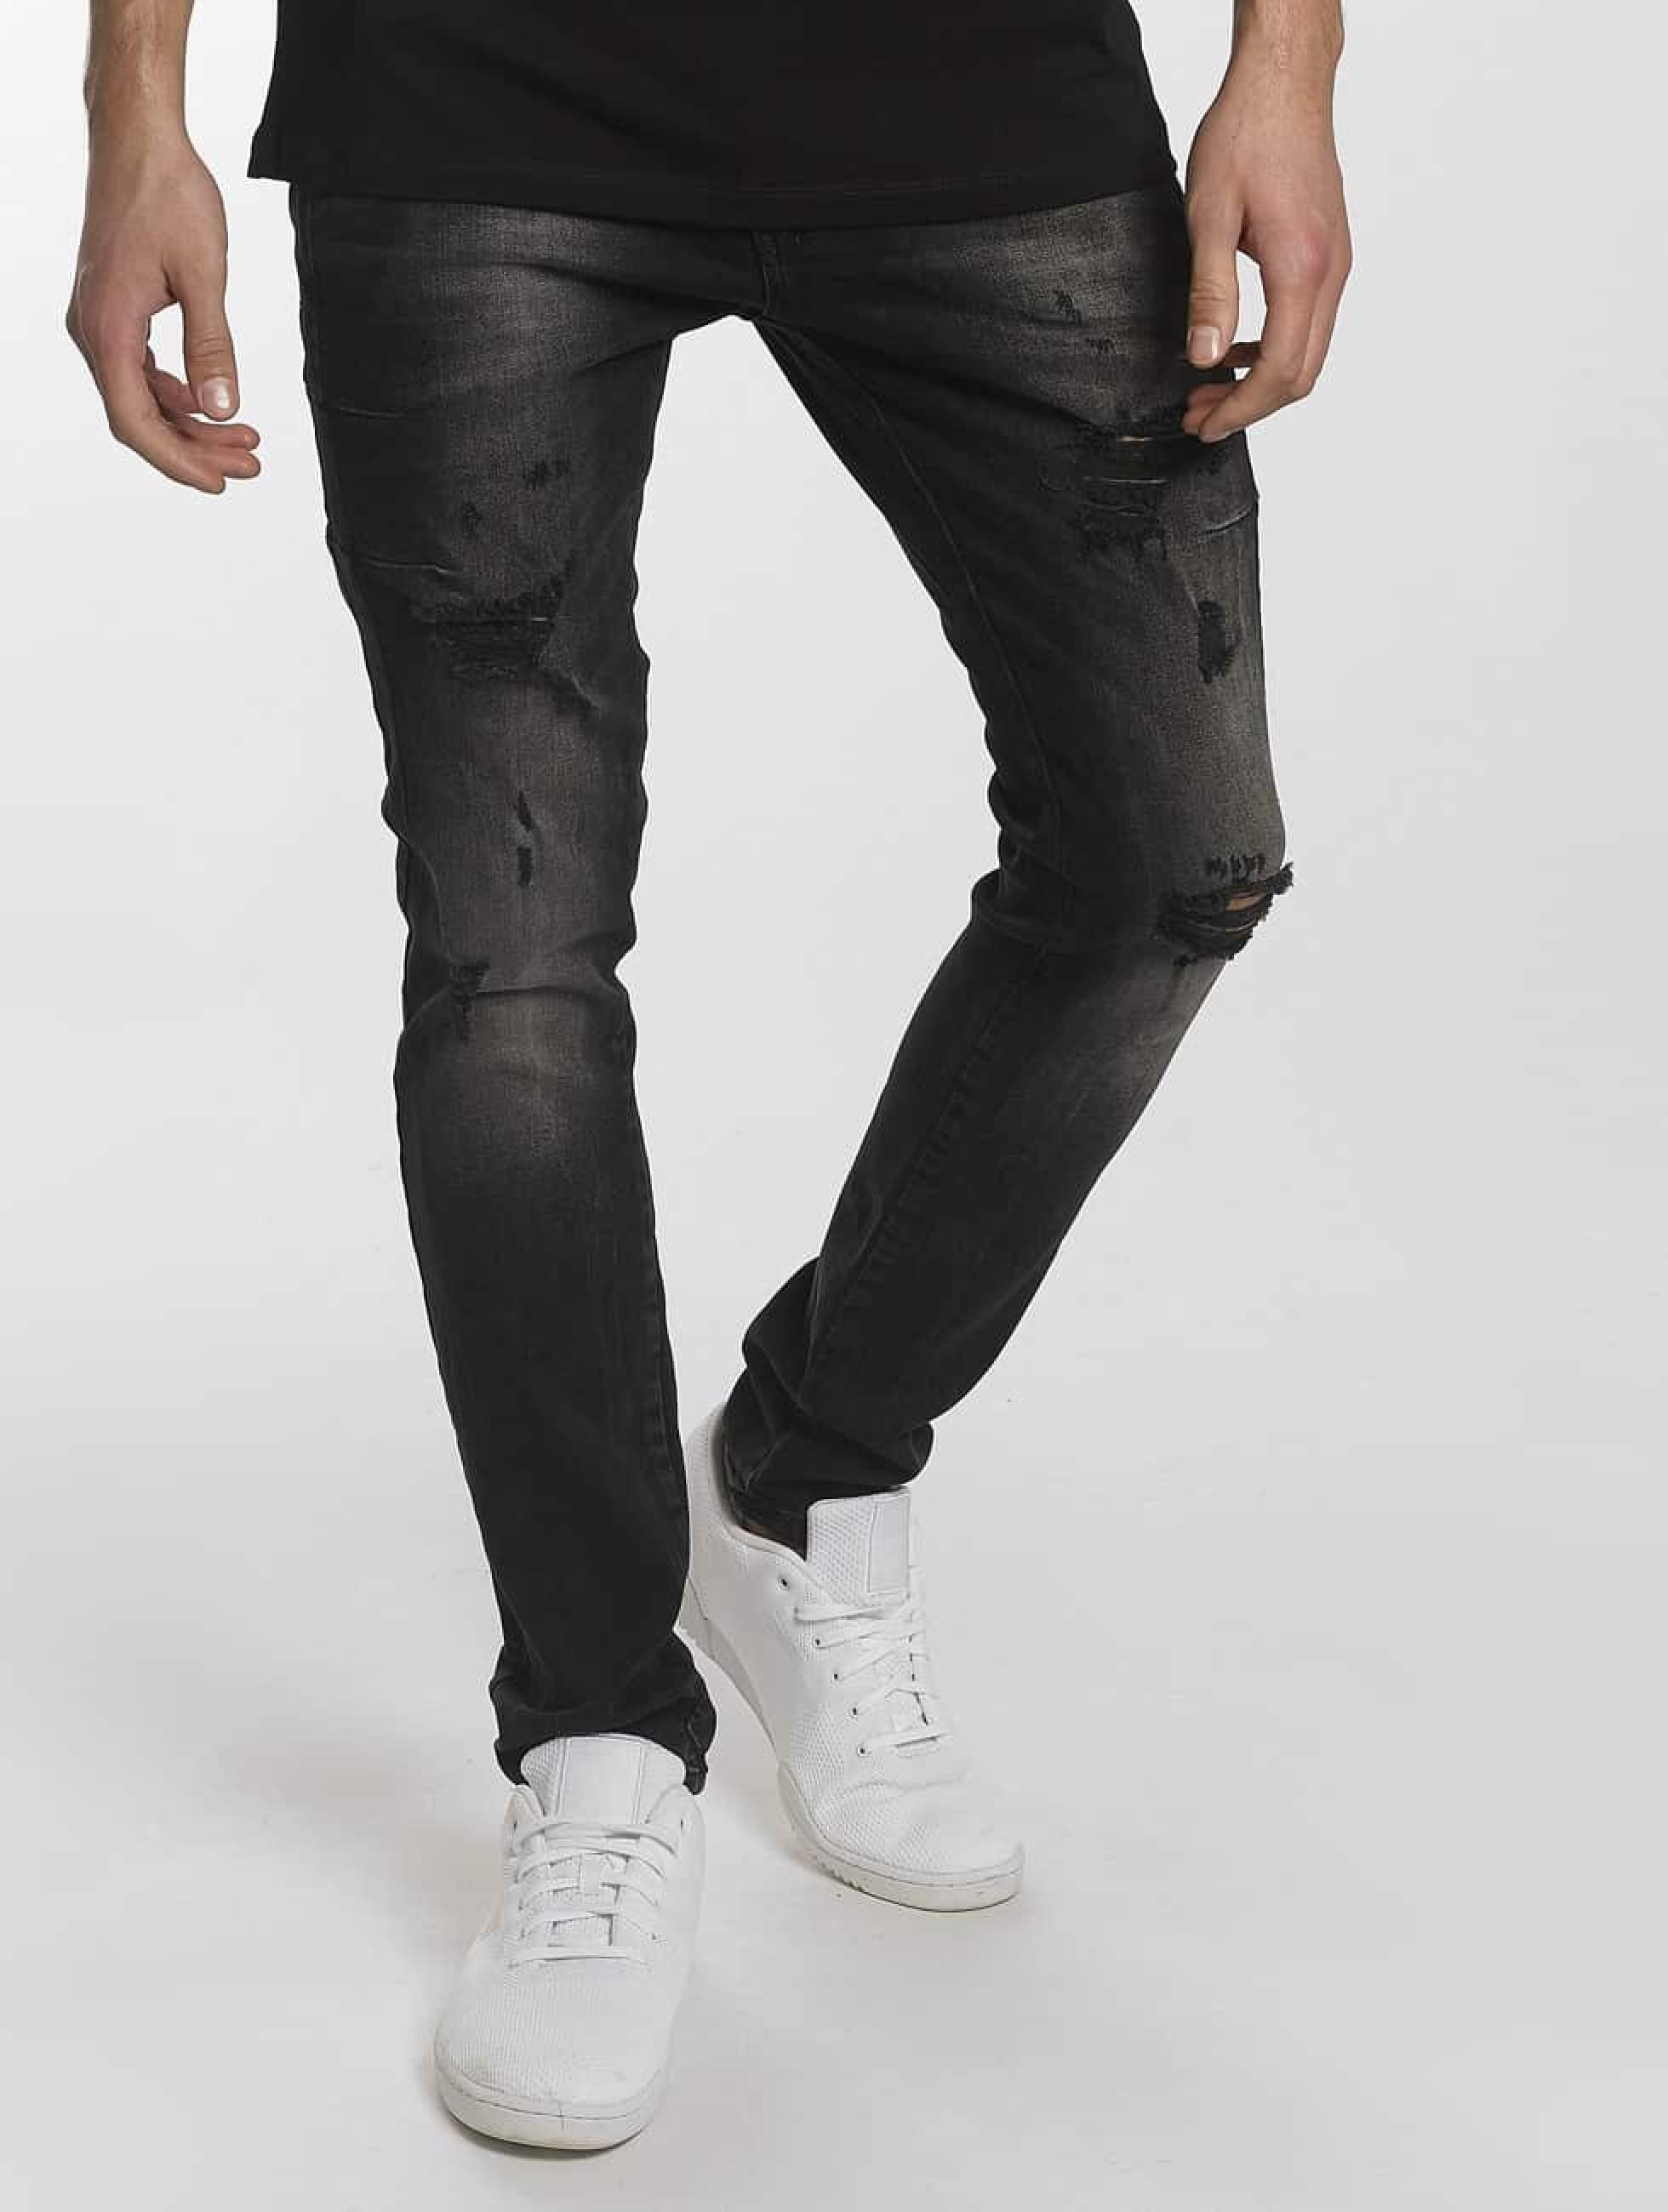 2Y / Slim Fit Jeans Modern Tactic in black W 34